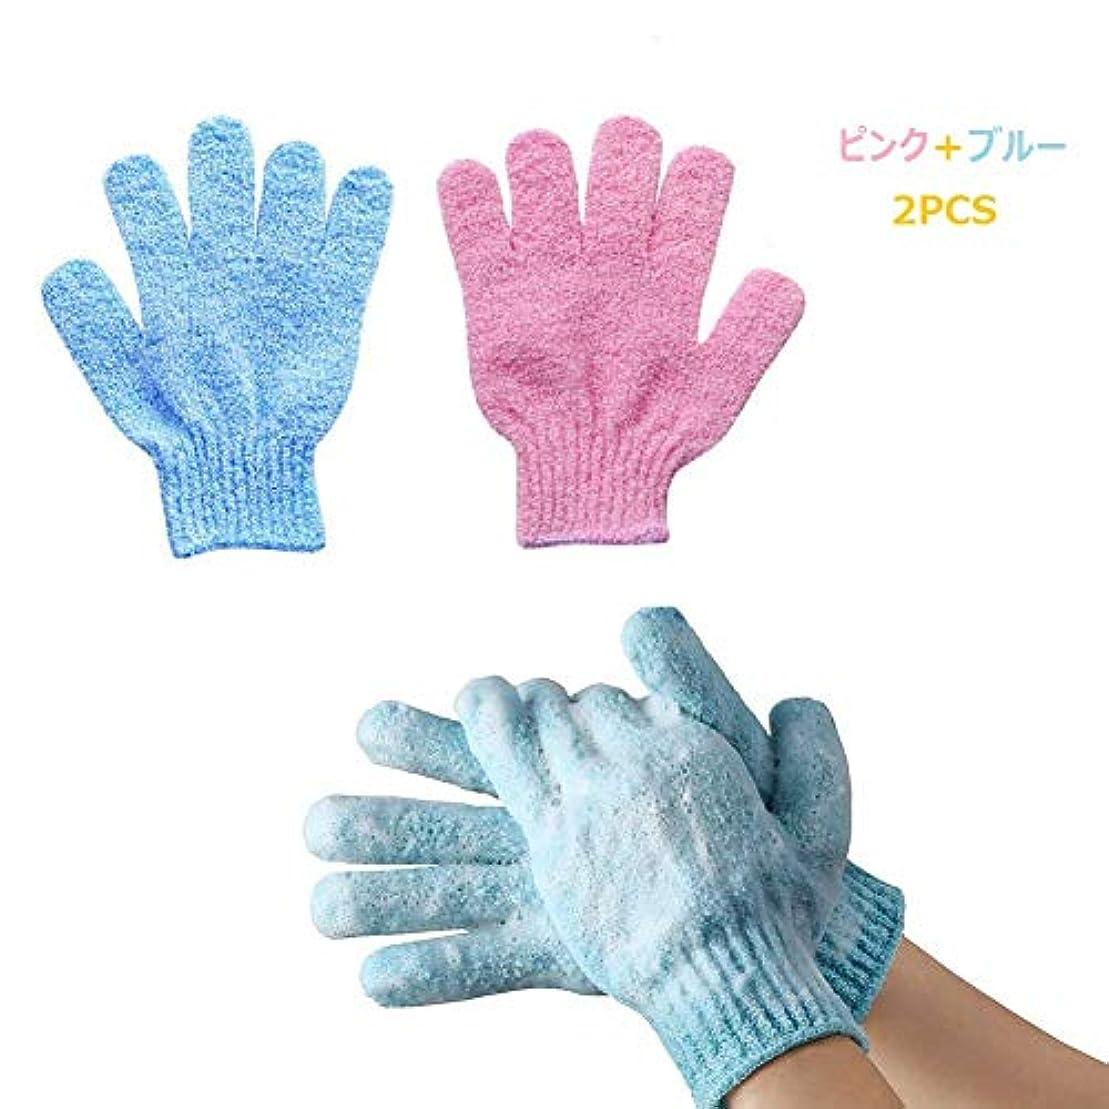 ハック浸透する不健全ROOFTOPS お風呂手袋 五本指 シャワーグローブ 泡立ち 柔らかい 入浴用品 角質除去 垢すり 2PCS (ピンク+ブルー)